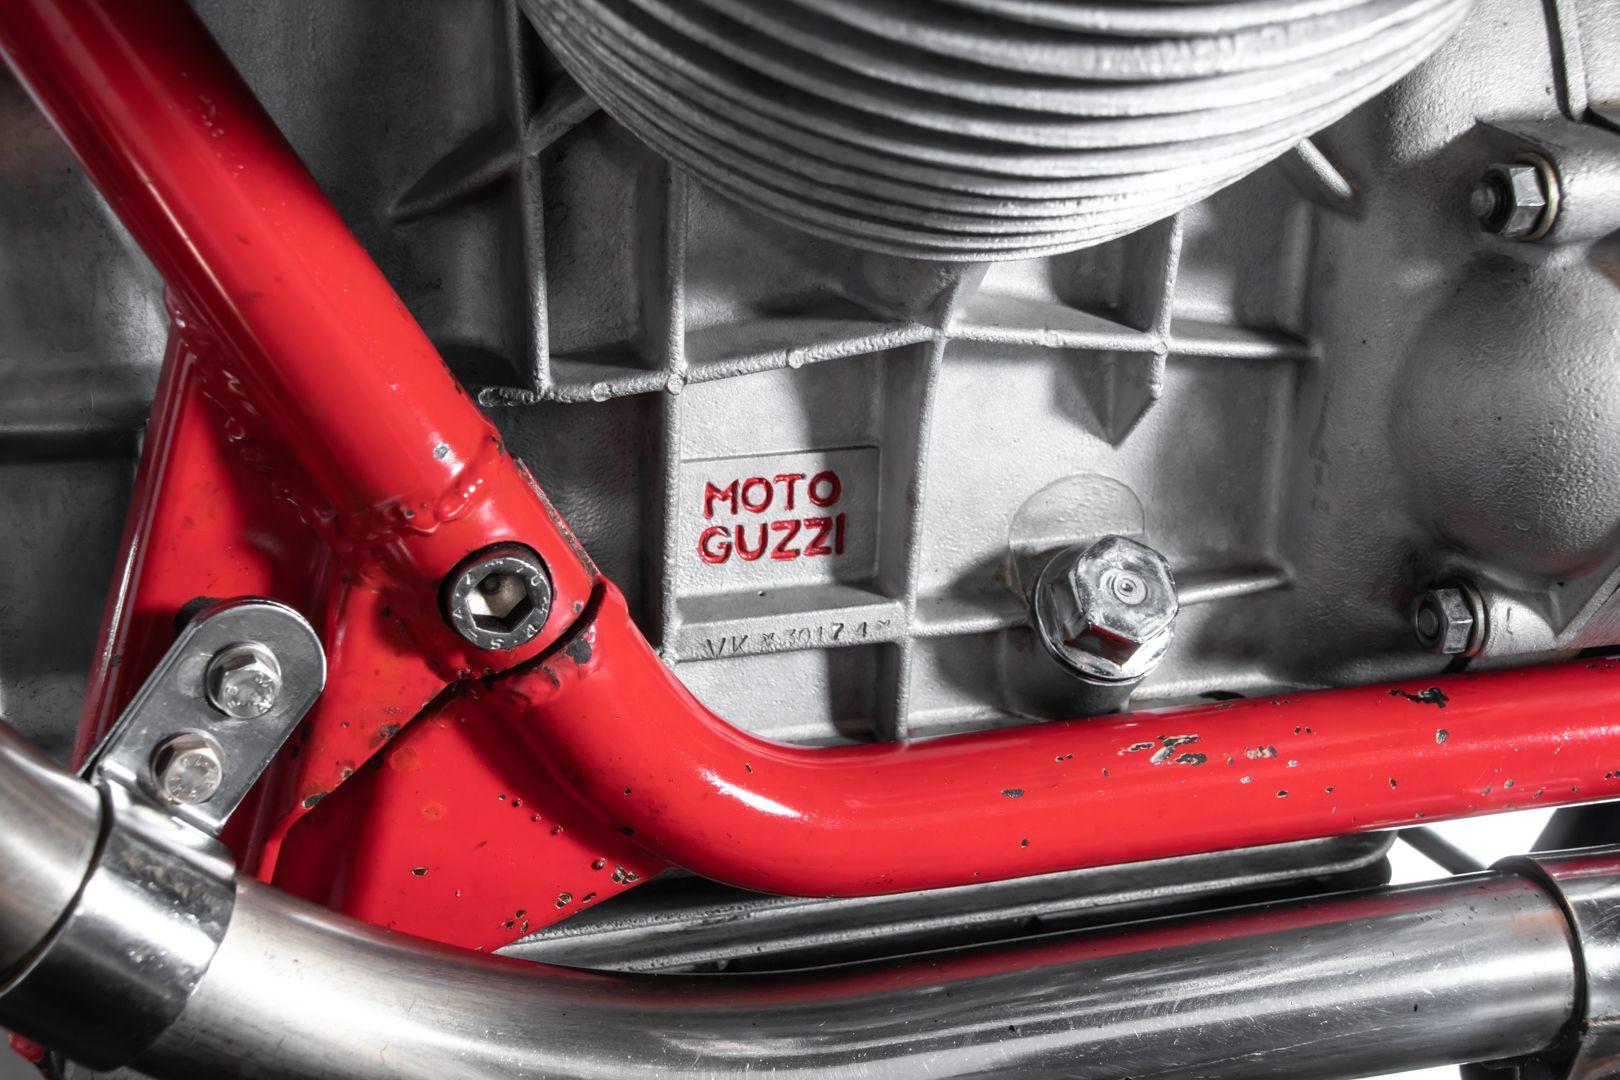 1972 Moto Guzzi V7 Sport Telaio Rosso 76521